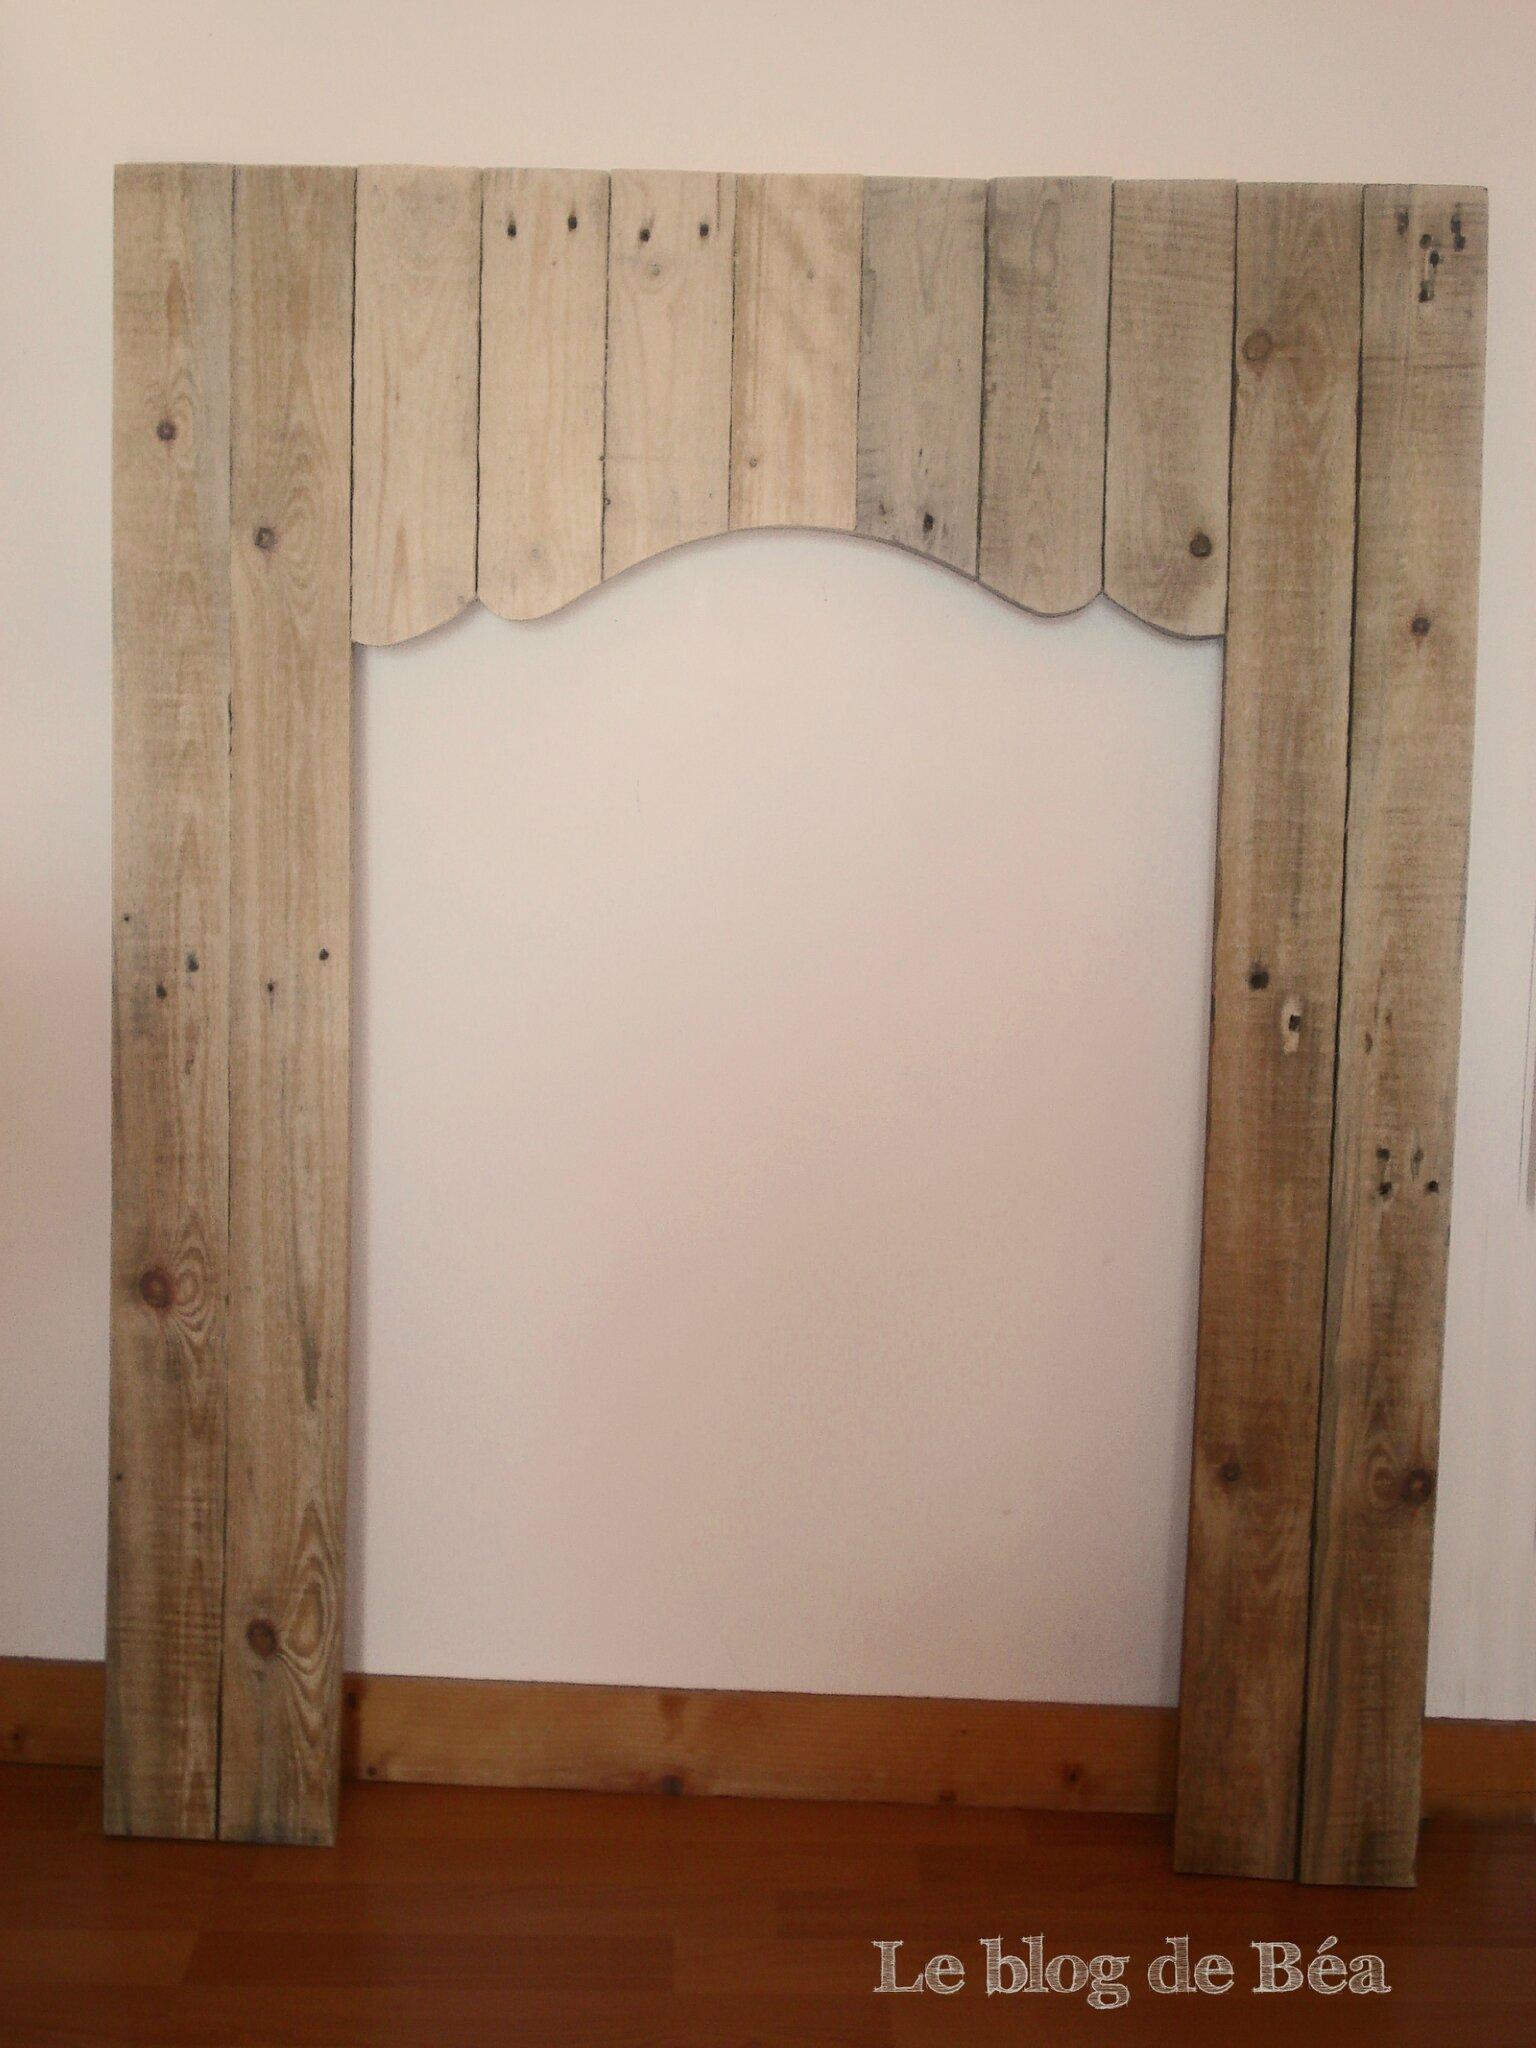 Bois de palette toutes les photos sur bois de palette for Fausse cheminee decorative en bois